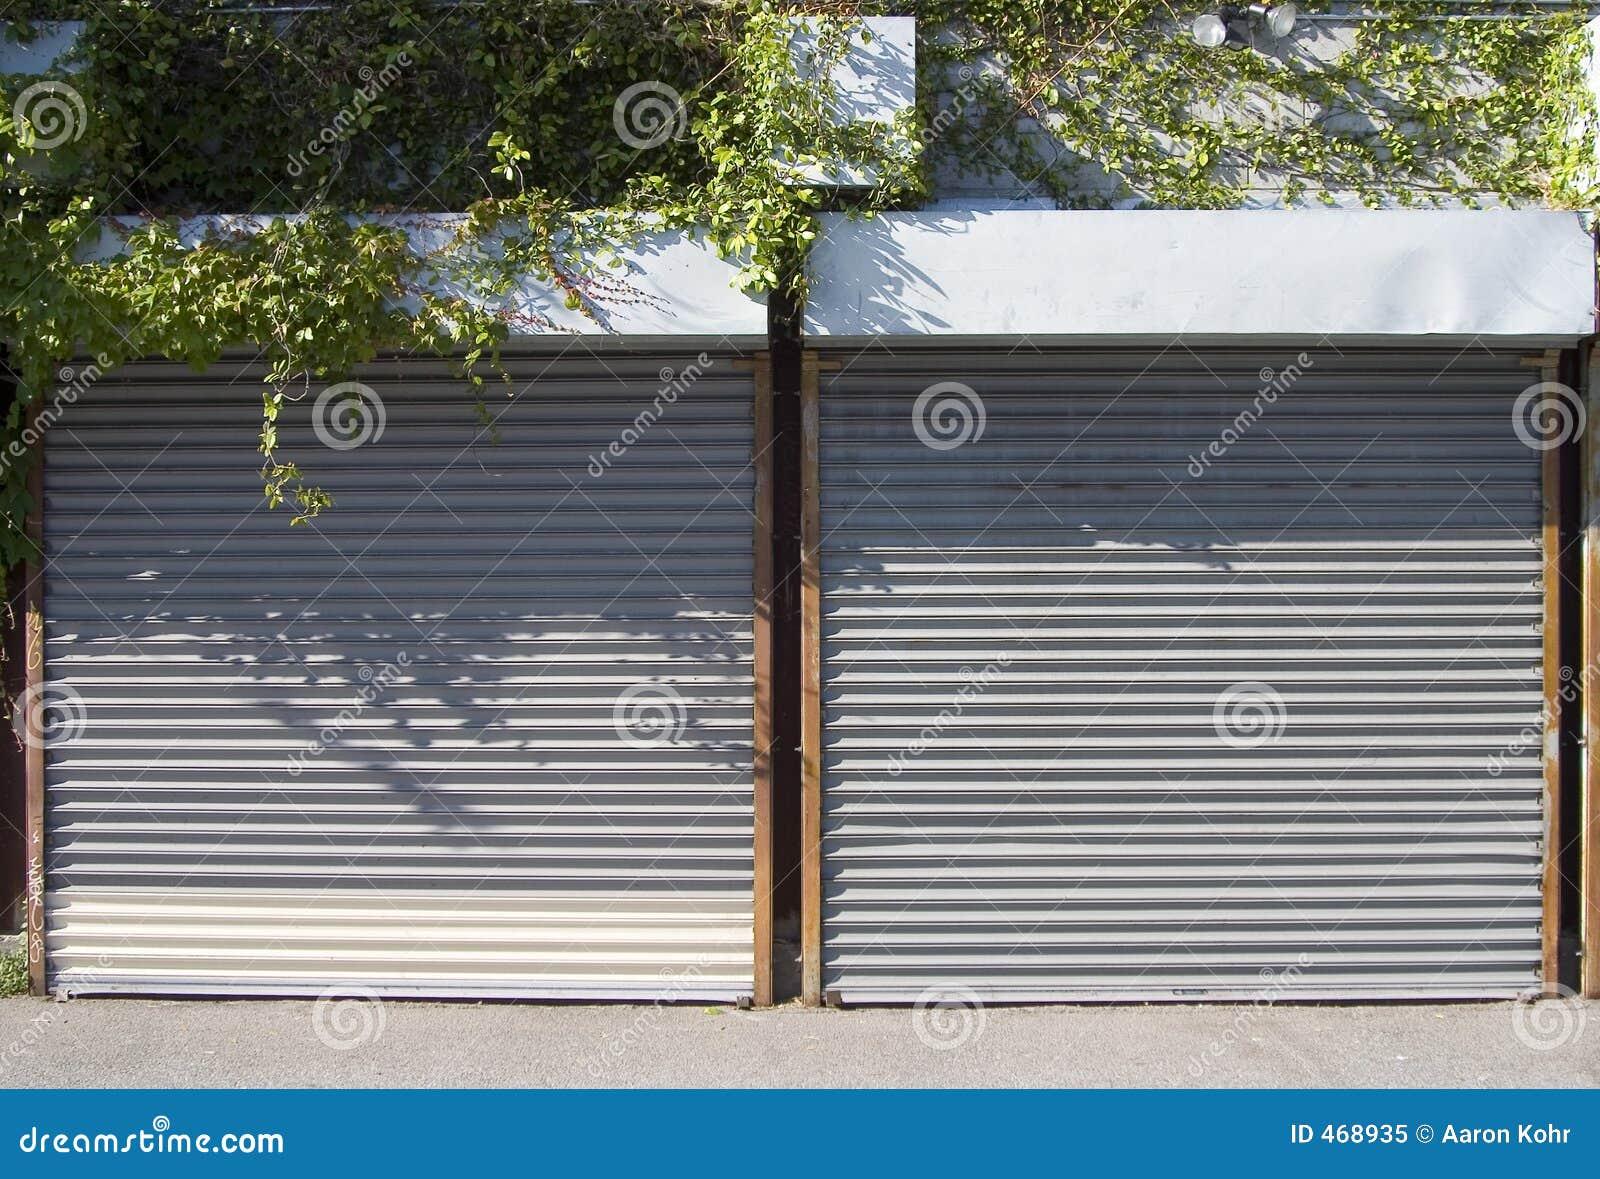 Rollup Doors 2